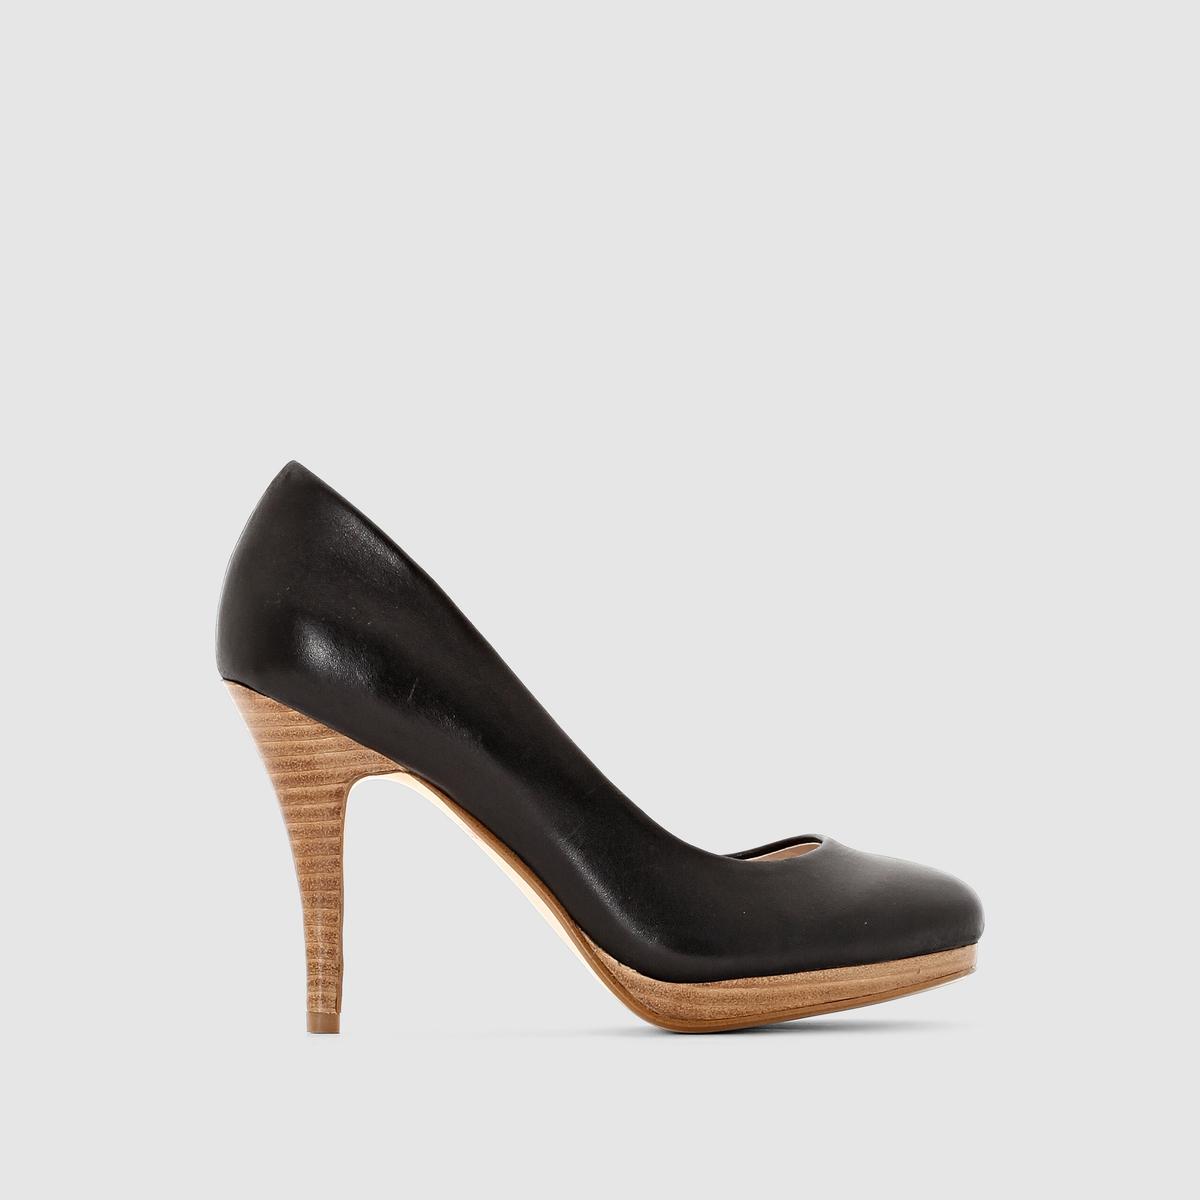 Туфли кожаныеВерх : яловичная кожа         Подкладка : кожа     Стелька : кожа     Подошва : из эластомера     Высота каблука : 9,5 см платформа 1 см     Застежка : без застежки     Преимущества : качественные и комфортные туфли. Туфли со слегка закругленным носком, плотно прилегающие, но остающиеся очень женственными.<br><br>Цвет: черный<br>Размер: 39